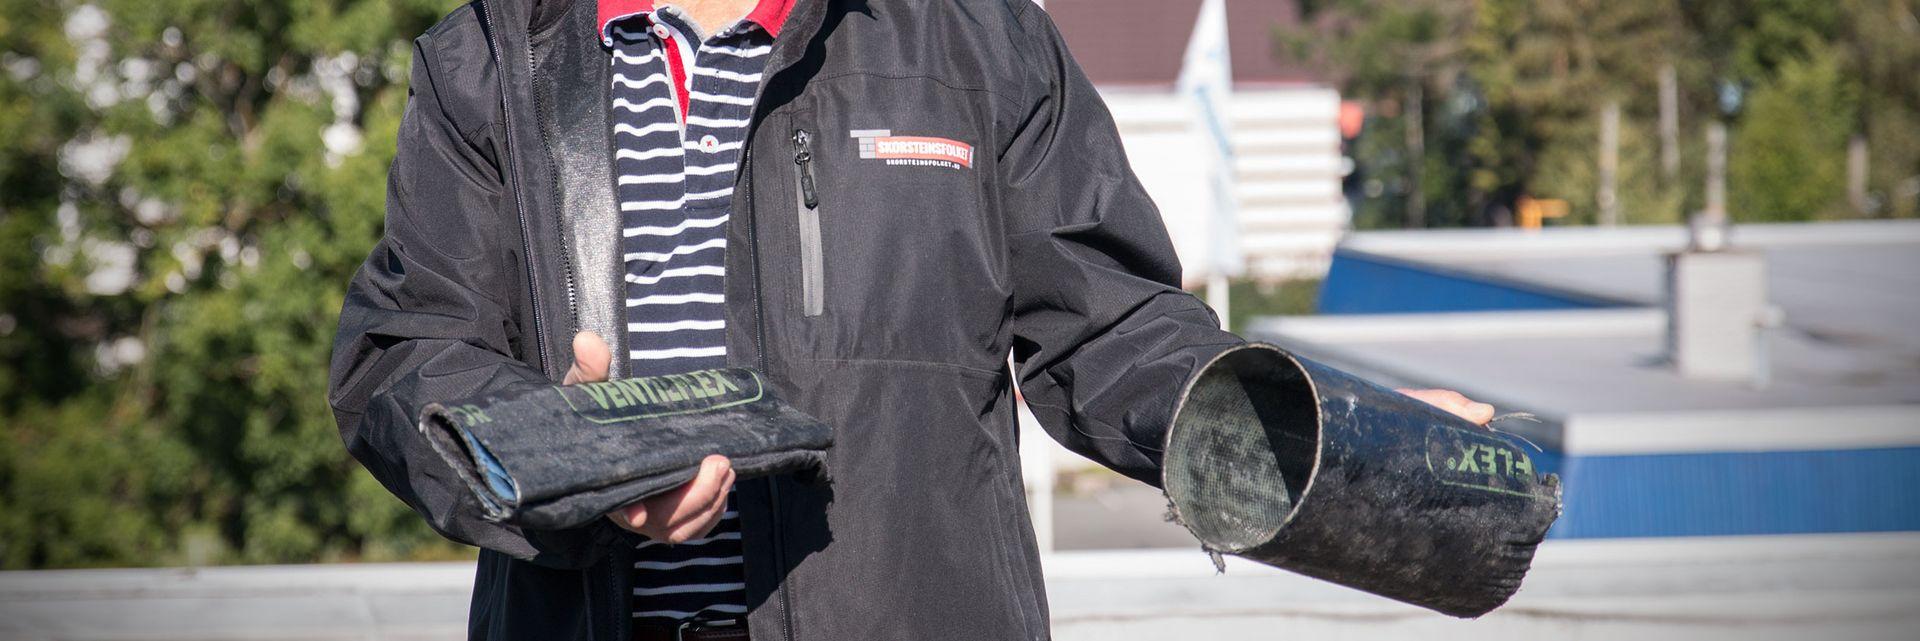 ANNONSE: Bedre inneklima med ny metode for renovering av ventilasjonskanaler